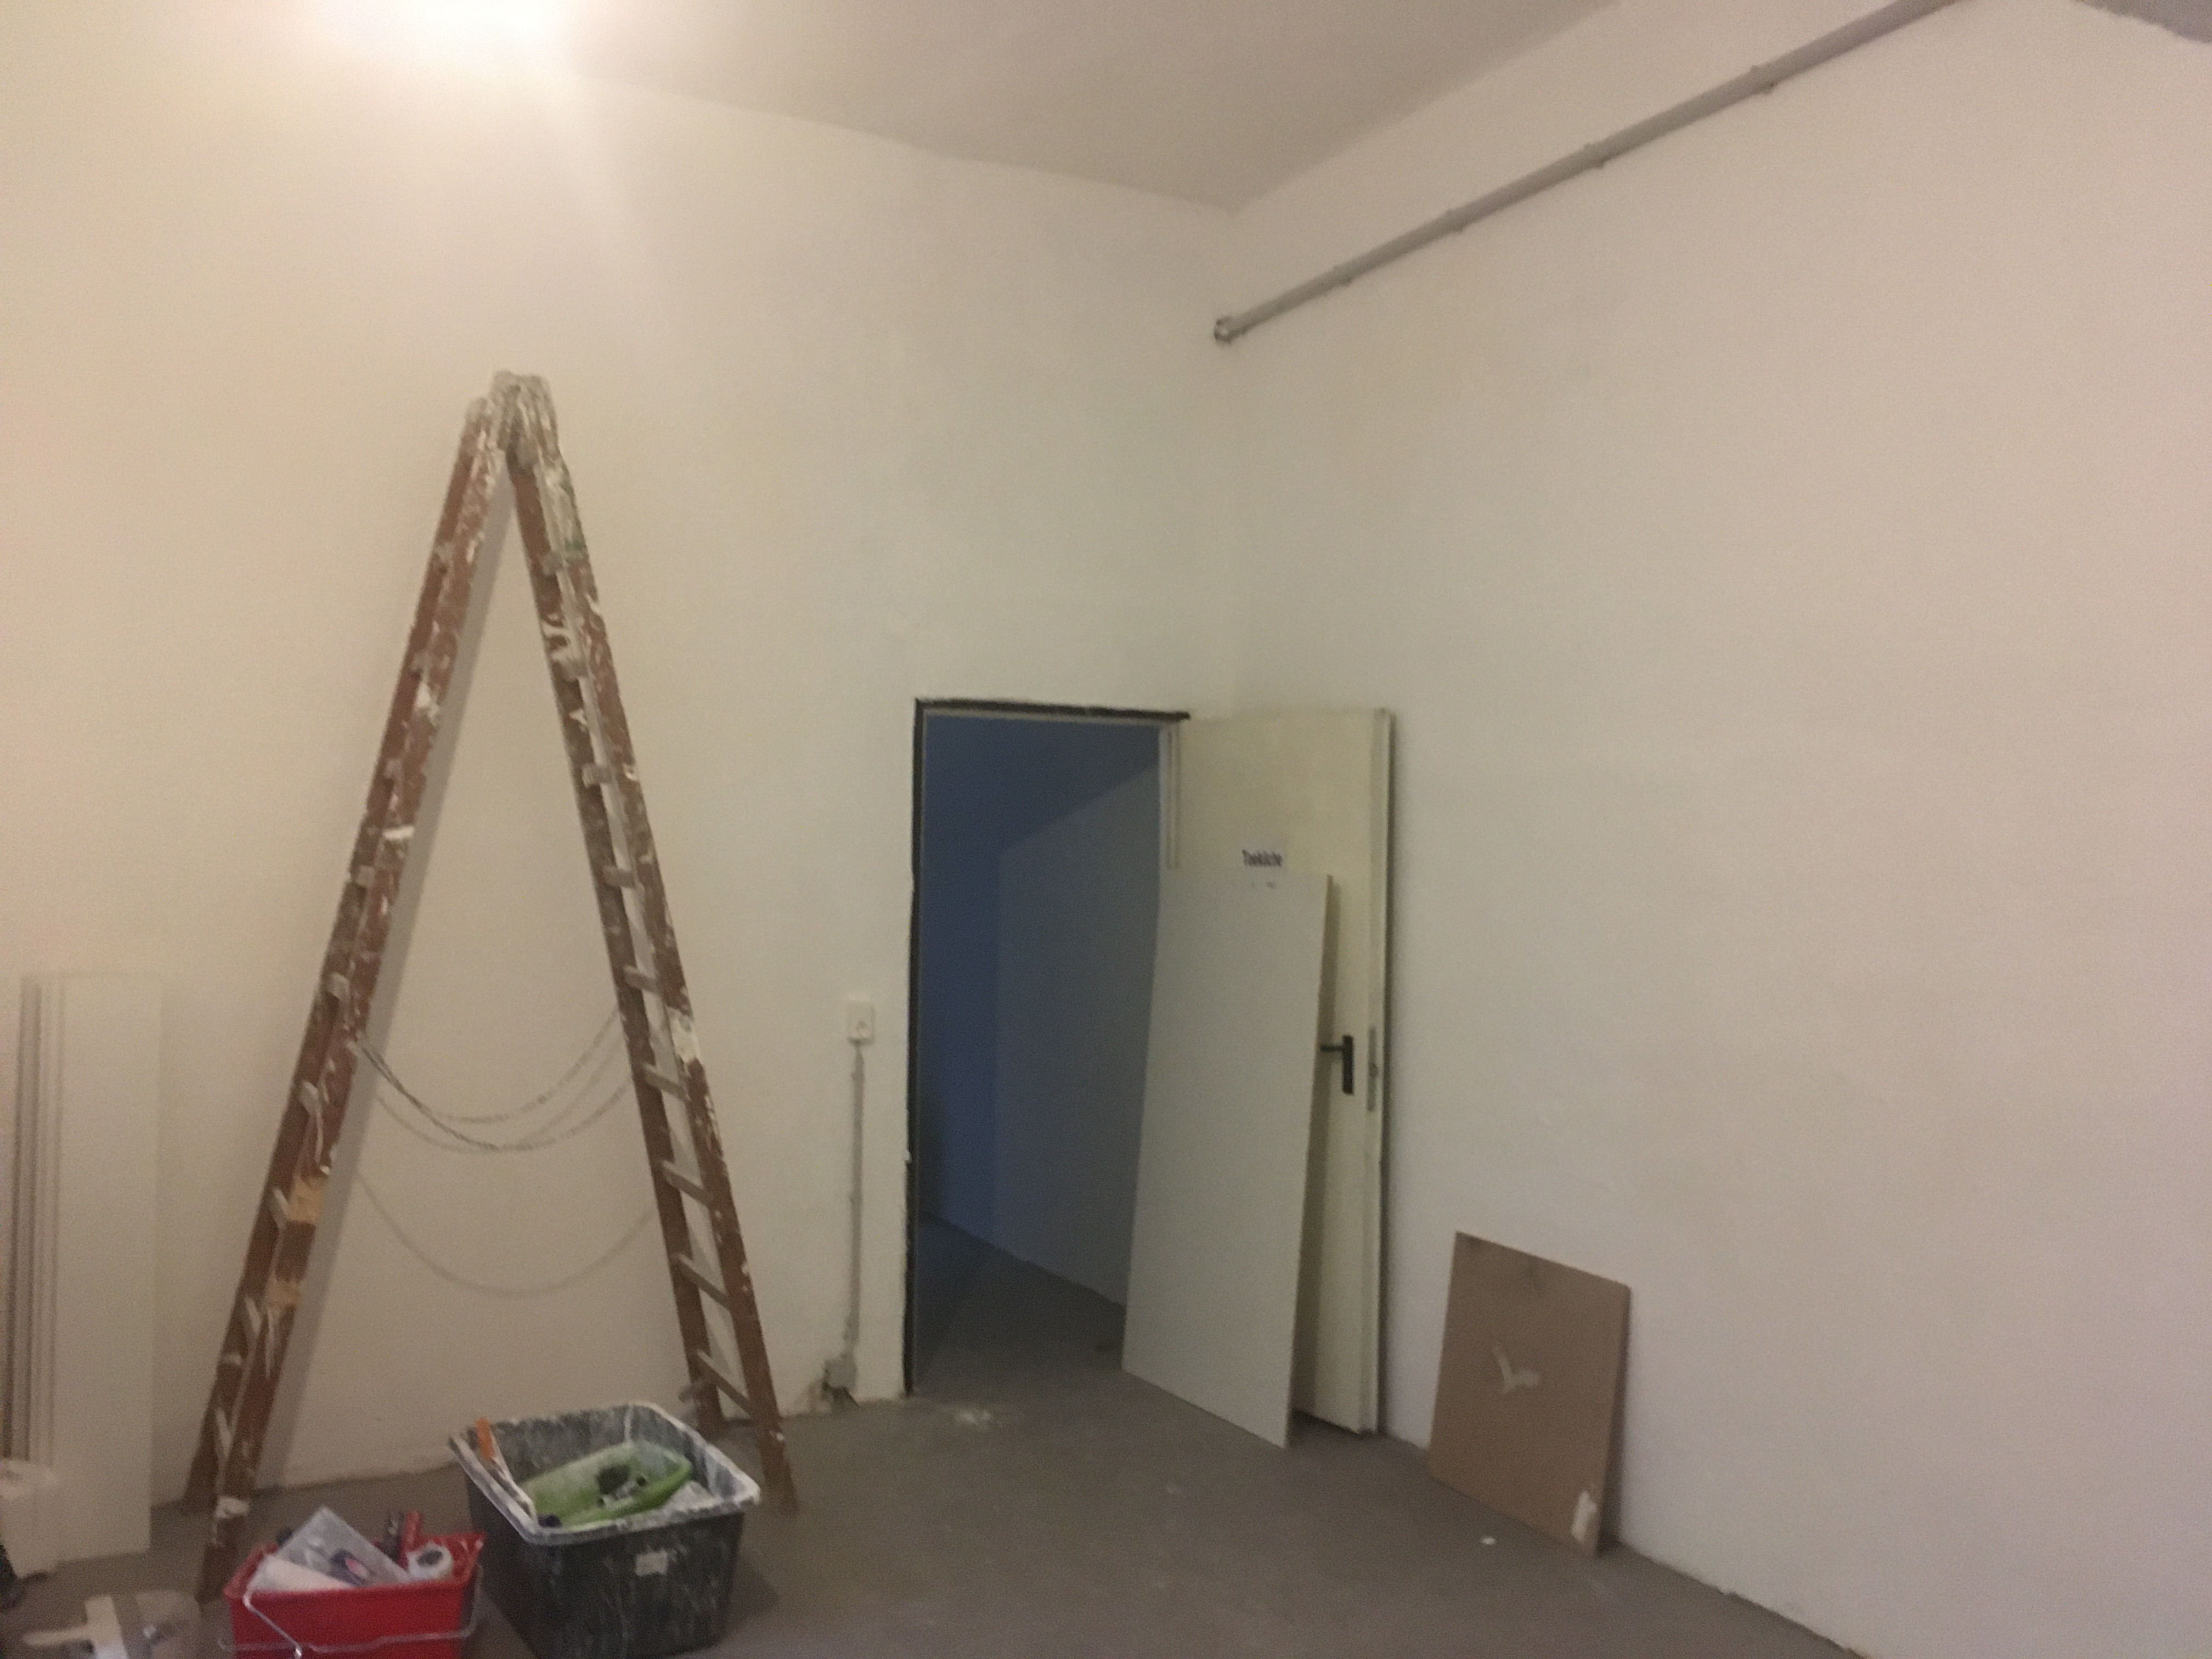 Alte und neue Wände mussten begradigt und verschönert werden.